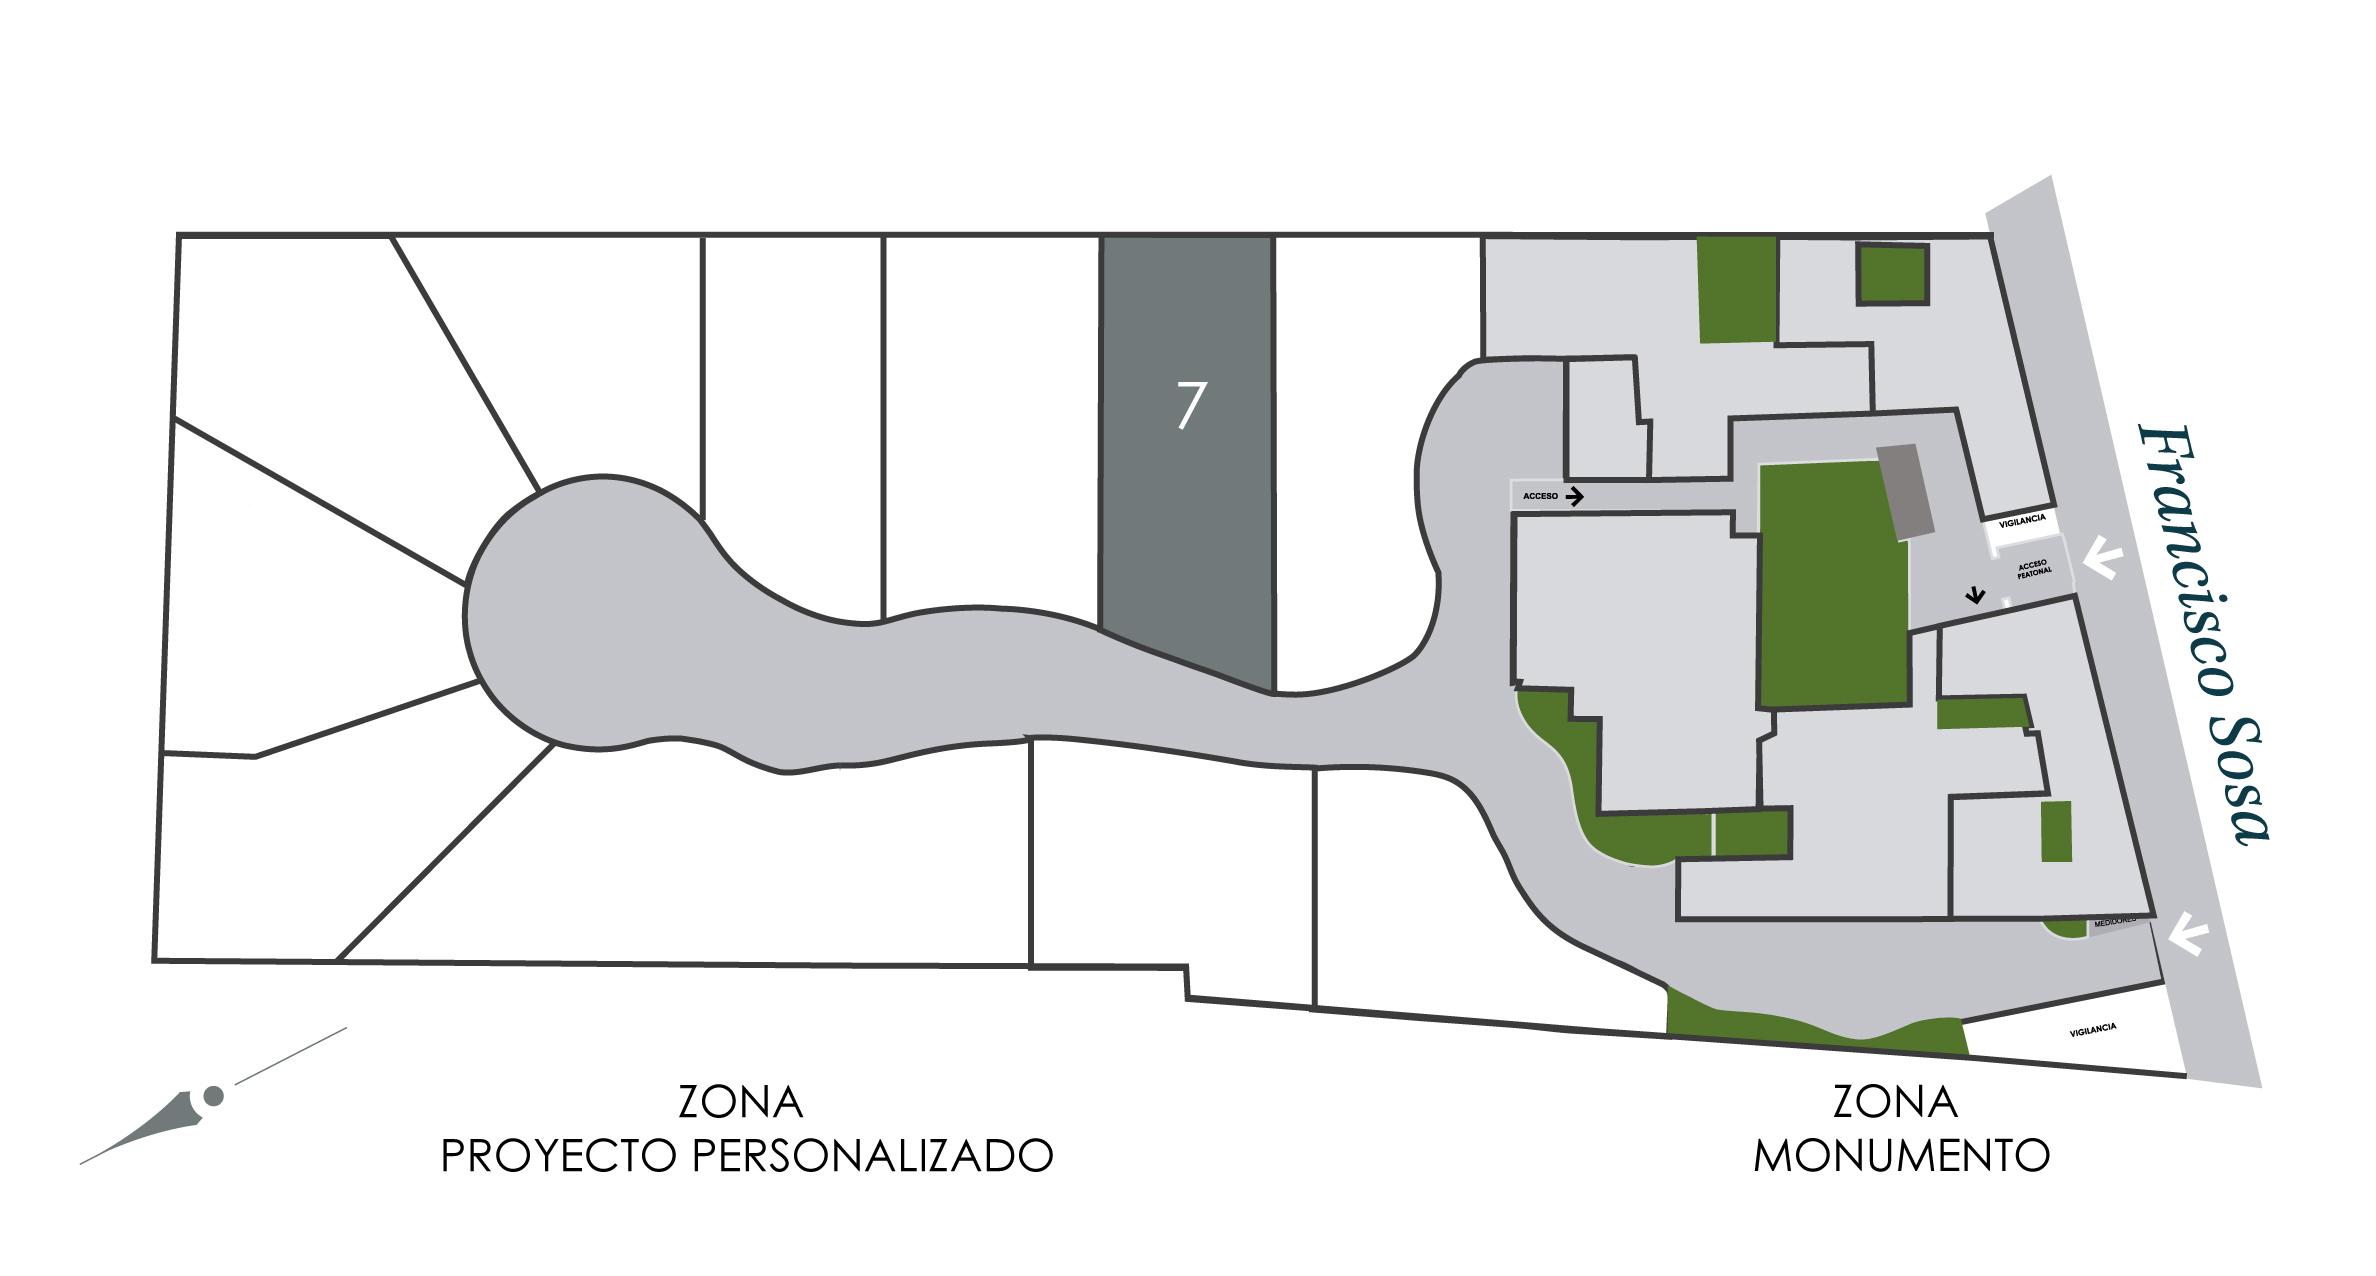 casa en venta en Coyoacán $68.8 mdp Francisco Sosa Mexihom